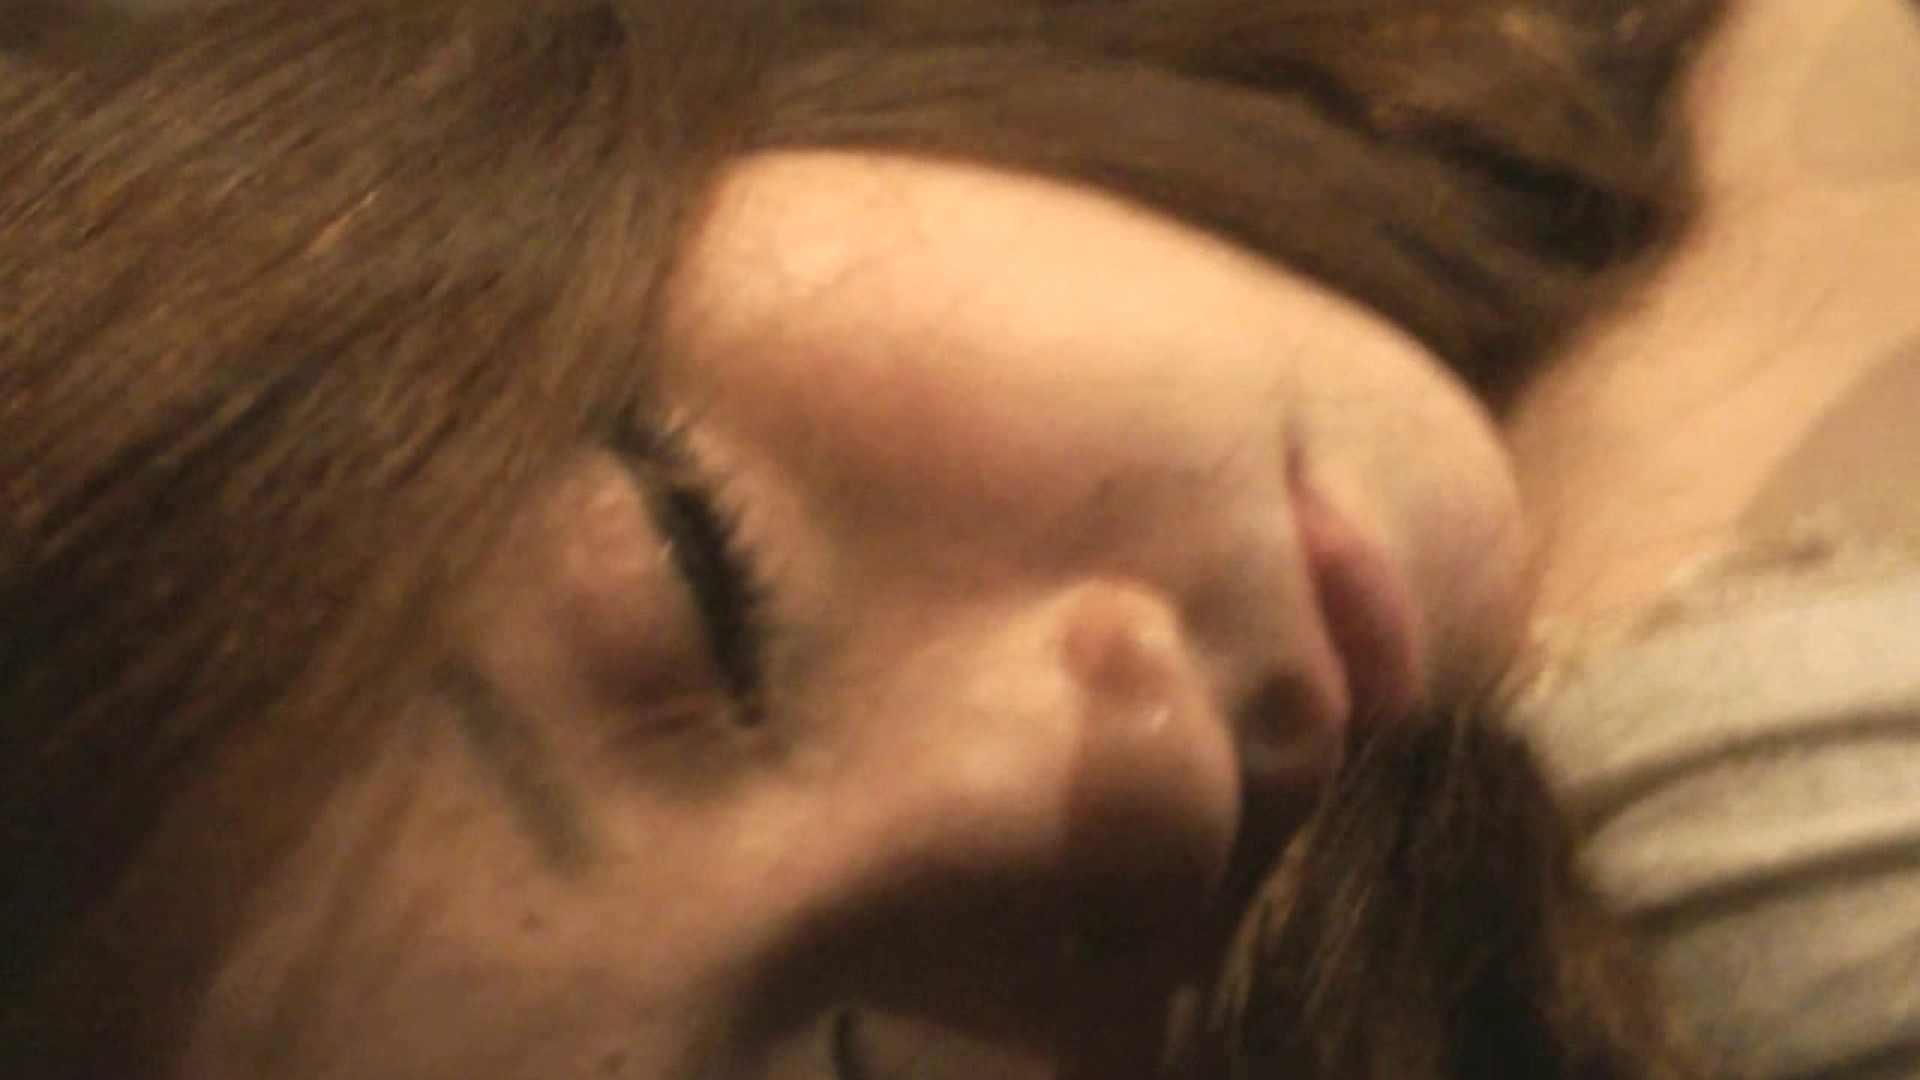 魔術師の お・も・て・な・し vol.10 19歳女子大生にカラオケでイタズラ 悪戯 おめこ無修正画像 64画像 43